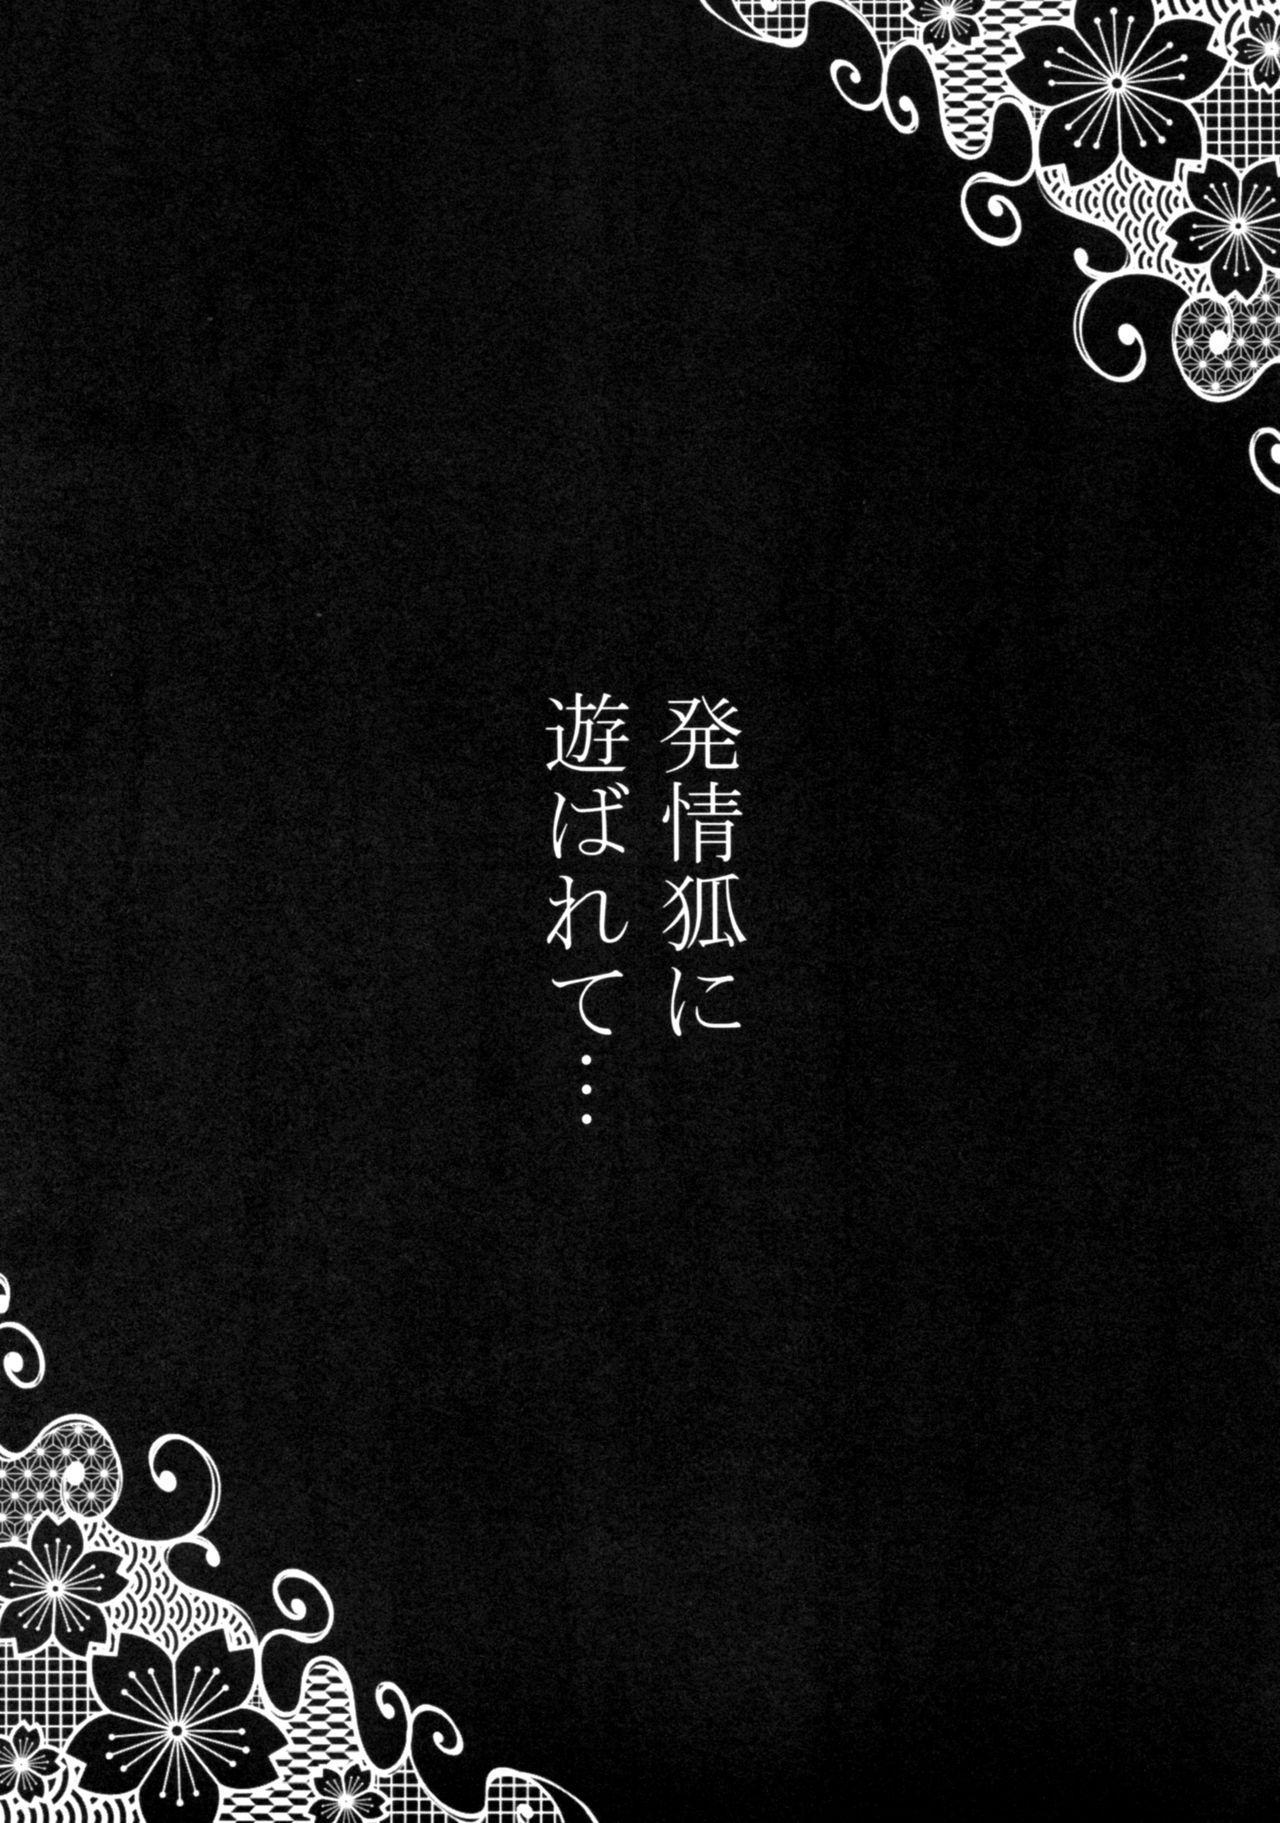 Hatsujou Kitsune ni Asobarete... 16